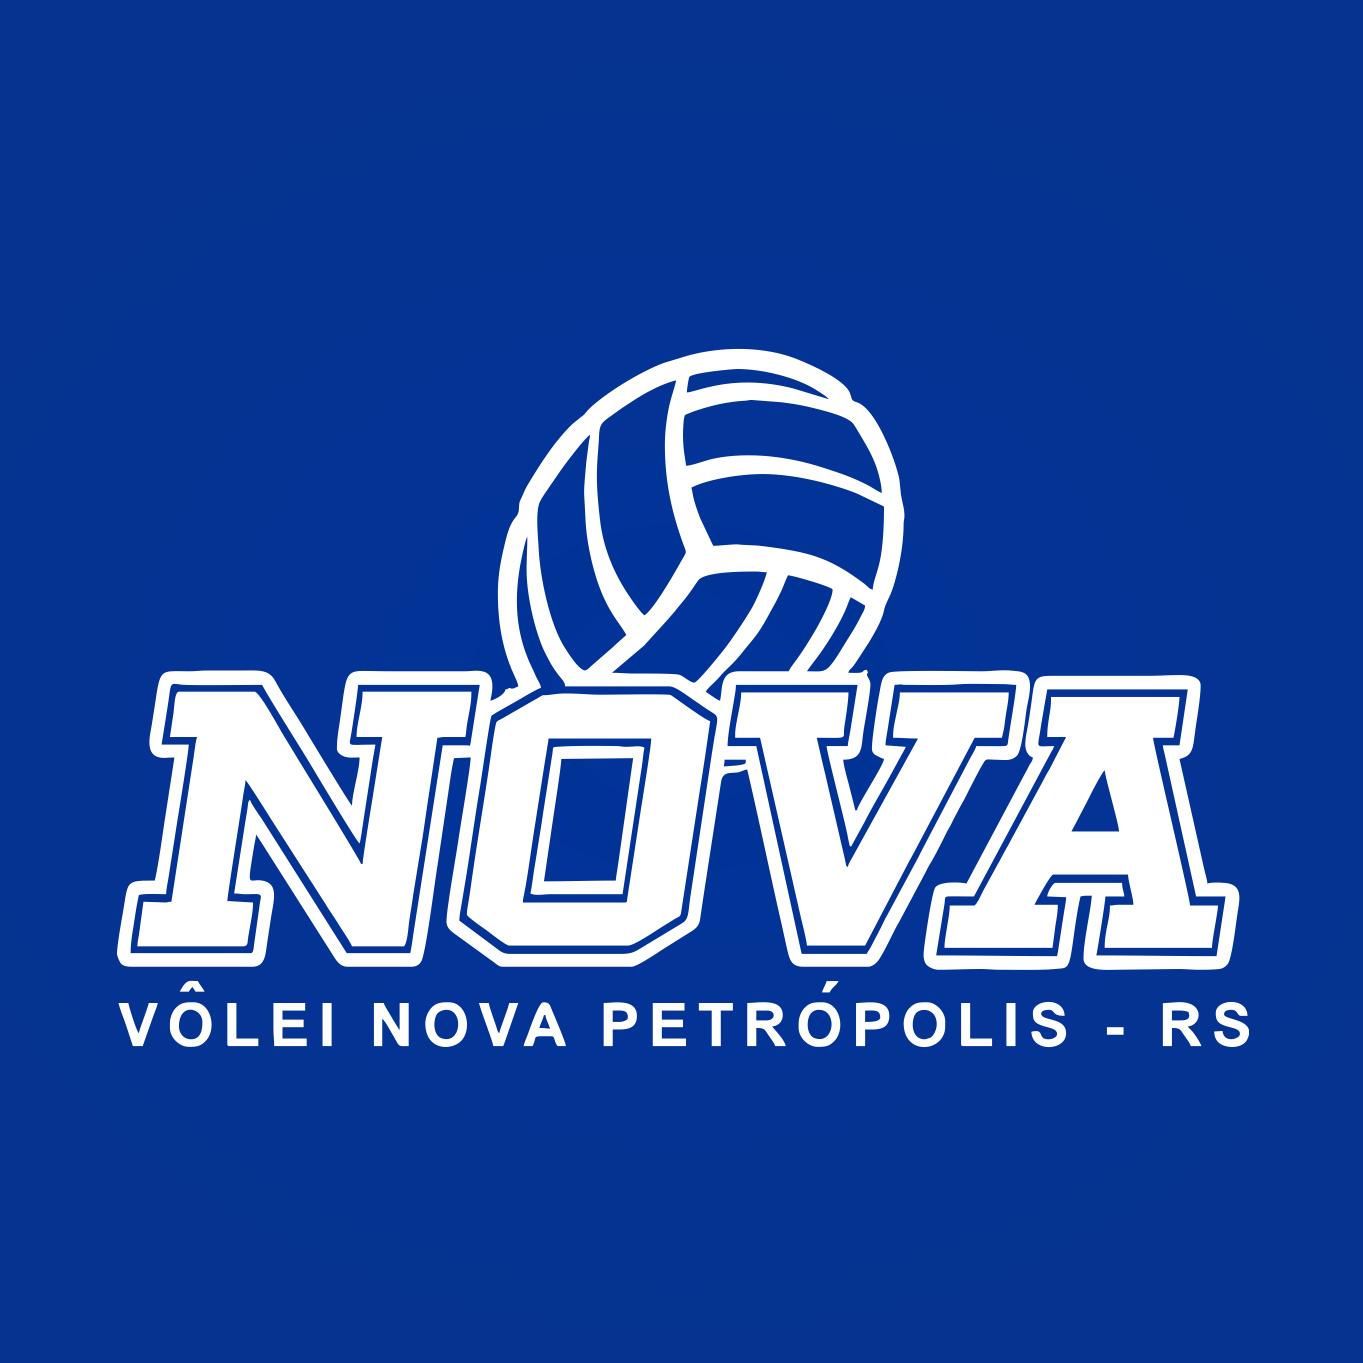 Vôlei Nova Petrópolis